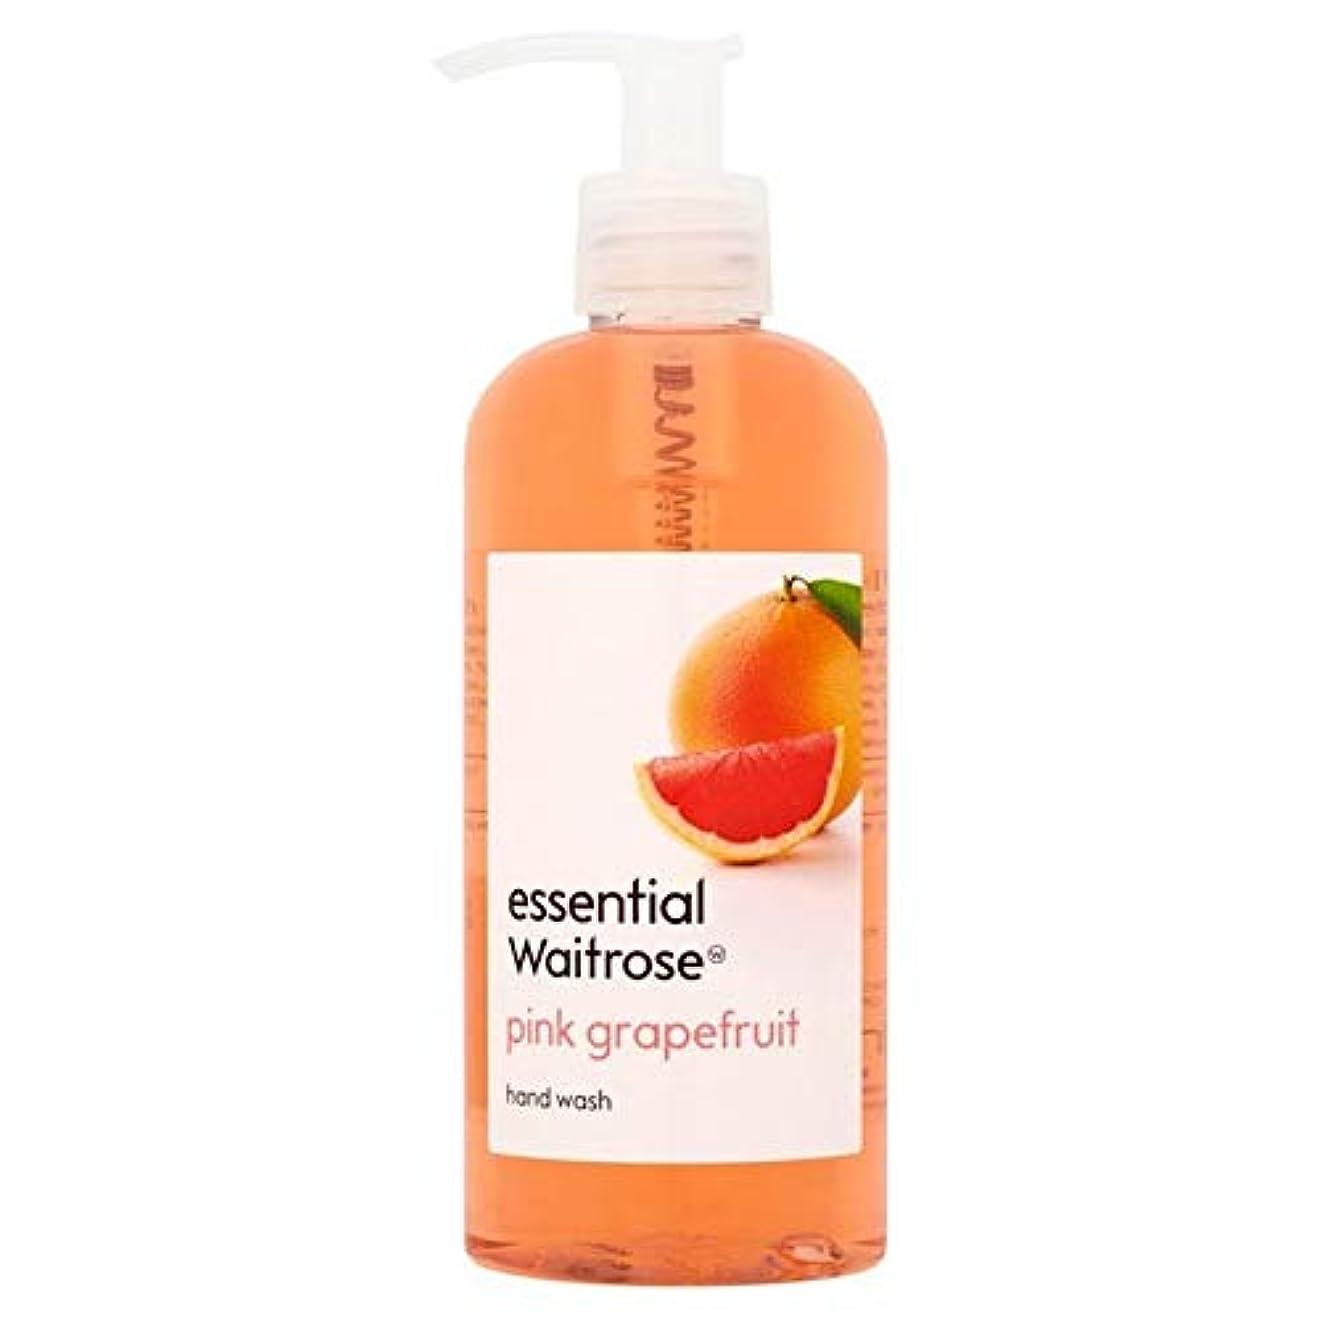 ファントム悪行金額[Waitrose ] 基本的なウェイトローズのハンドウォッシュピンクグレープフルーツ300ミリリットル - Essential Waitrose Hand Wash Pink Grapefruit 300ml [並行輸入品]